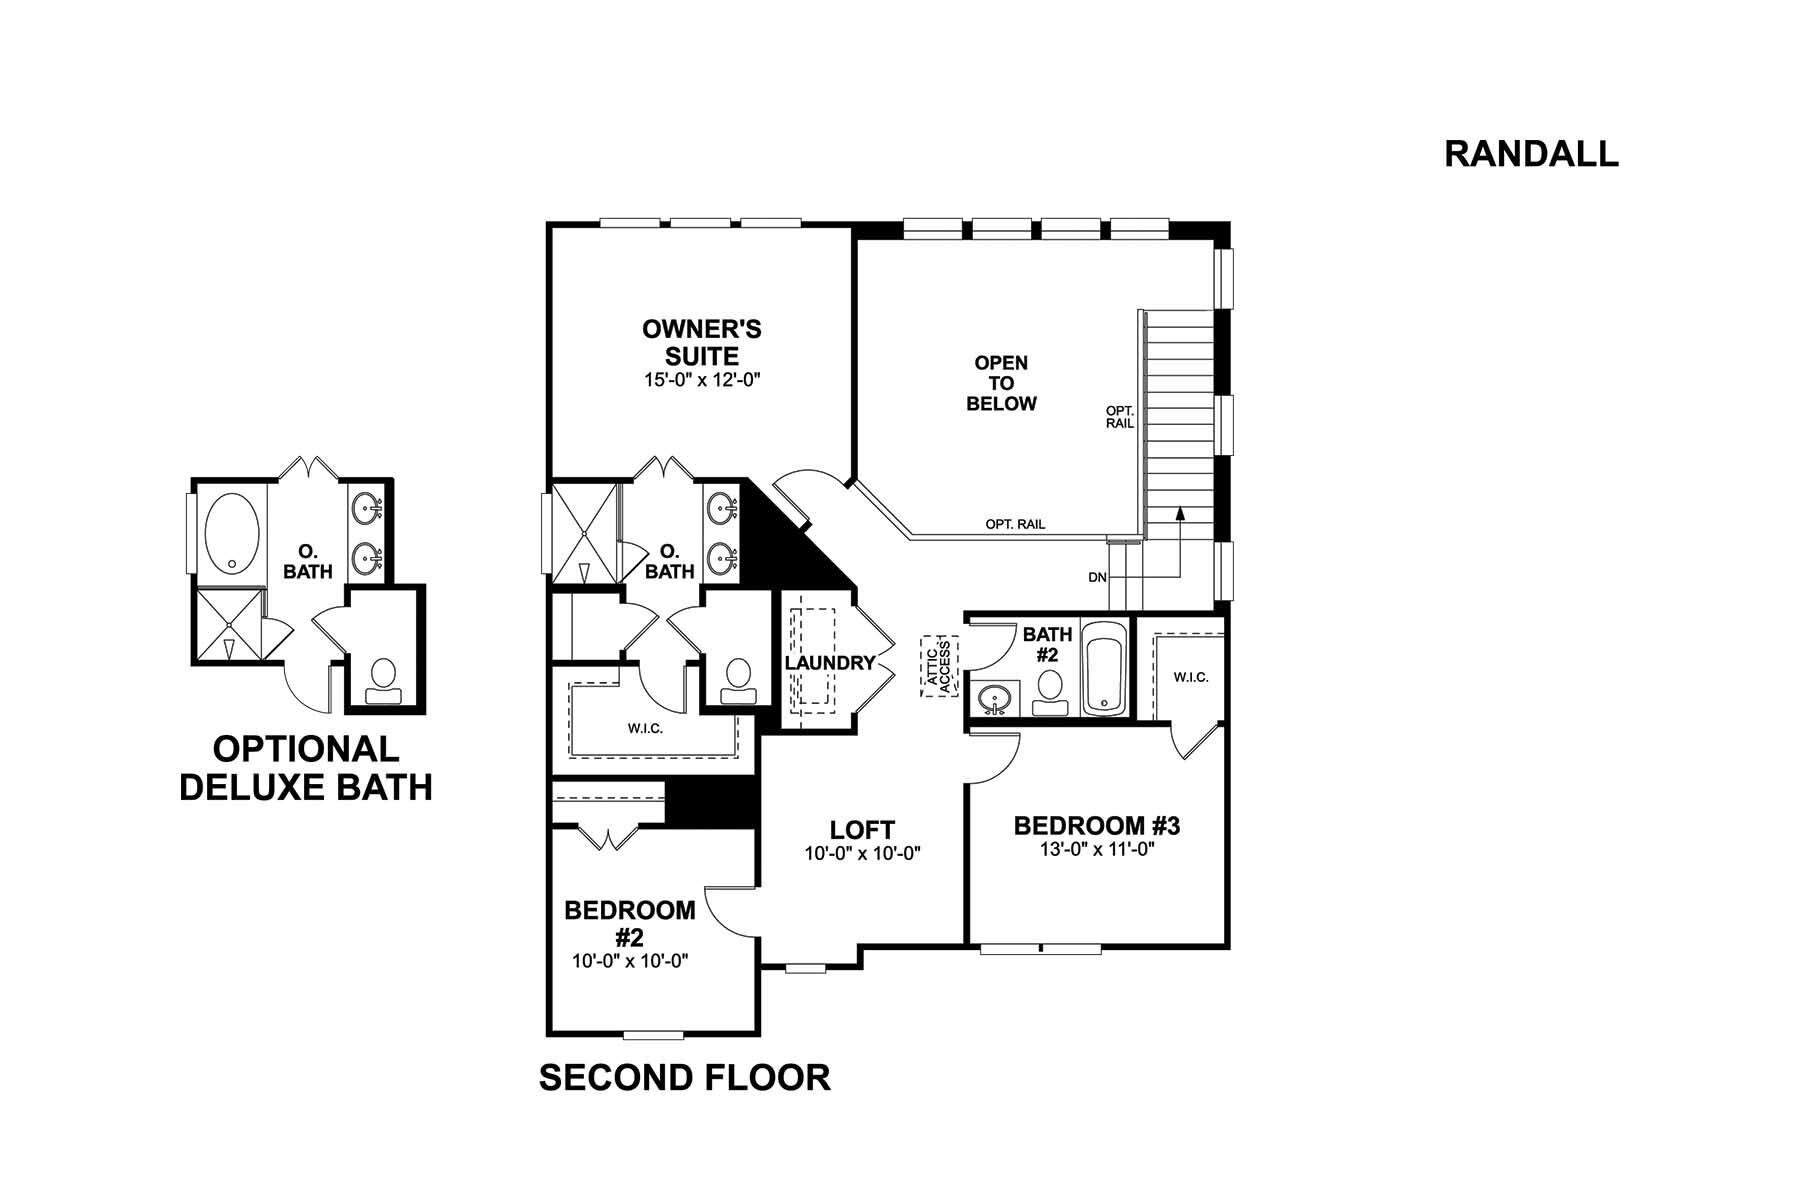 Randall Second Floor